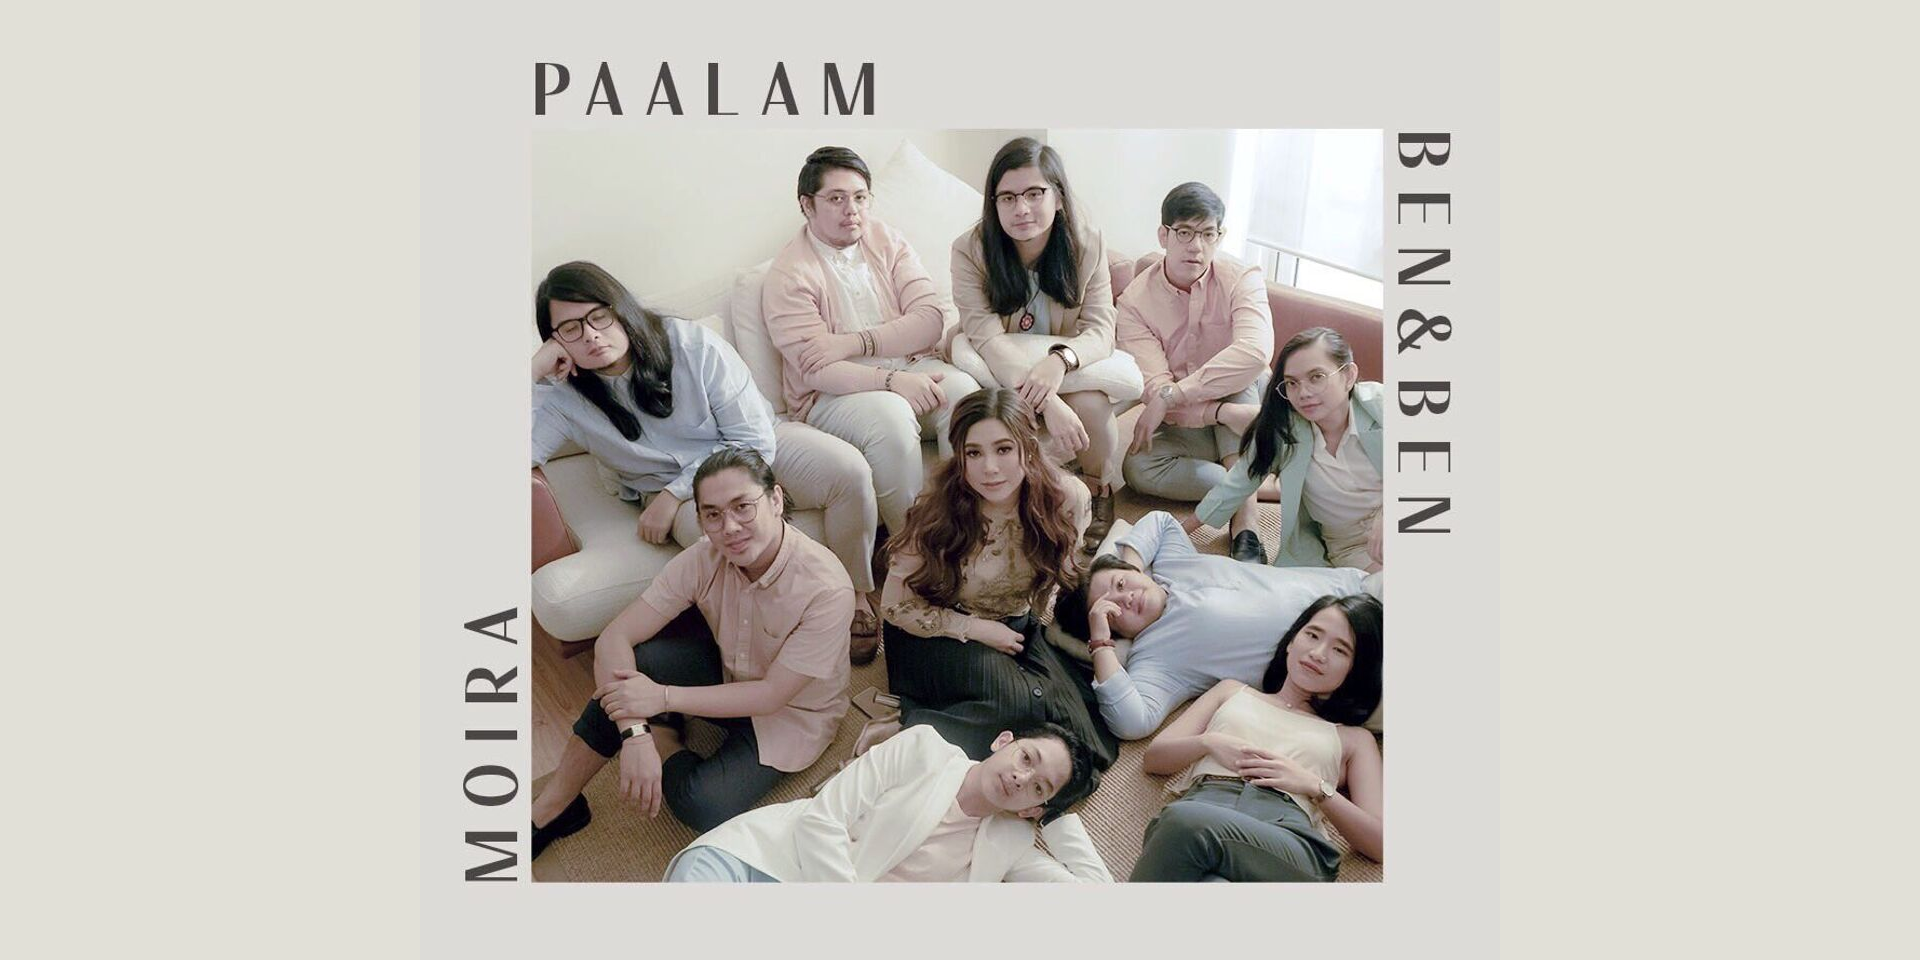 Ben&Ben and Moira share first collaboration, 'Paalam' – listen